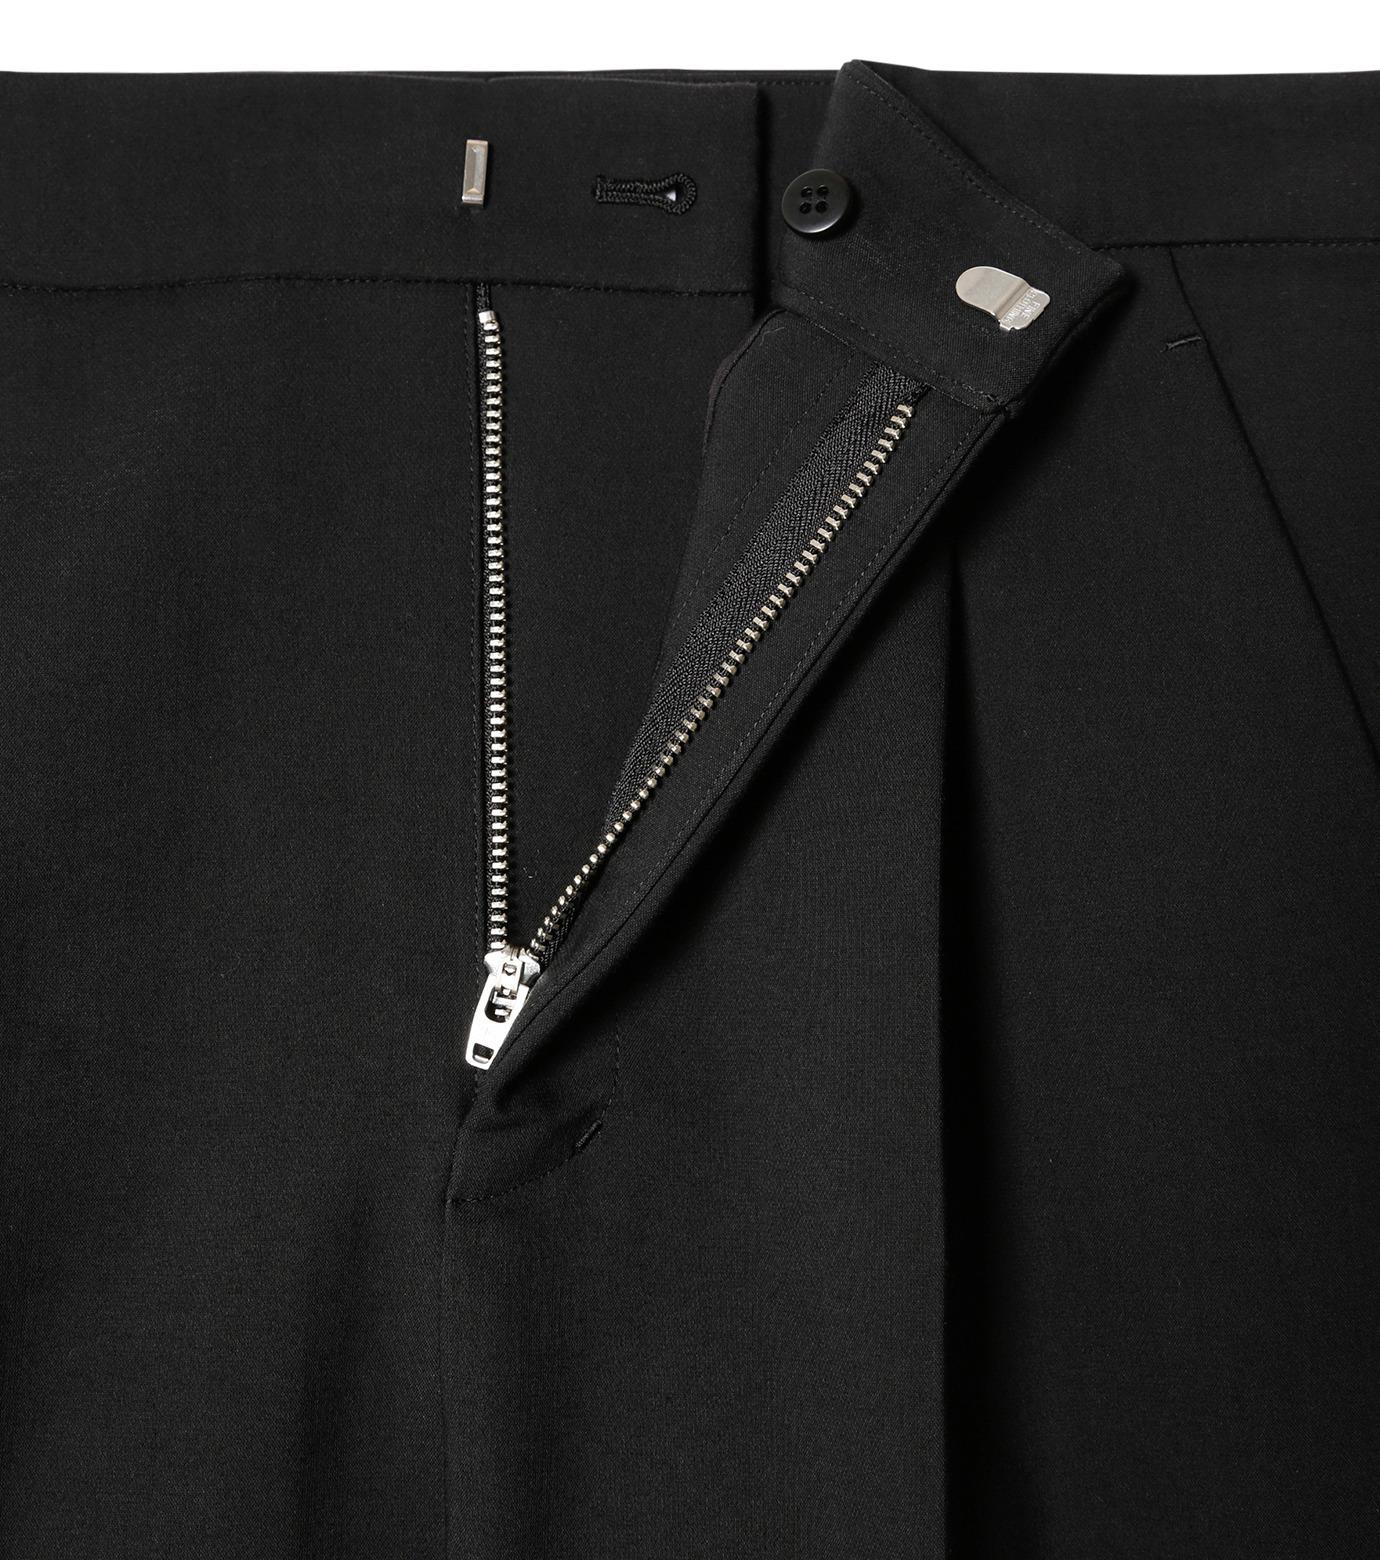 LE CIEL BLEU(ルシェルブルー)のクロップルーズパンツ-BLACK(パンツ/pants)-19S68102 拡大詳細画像5